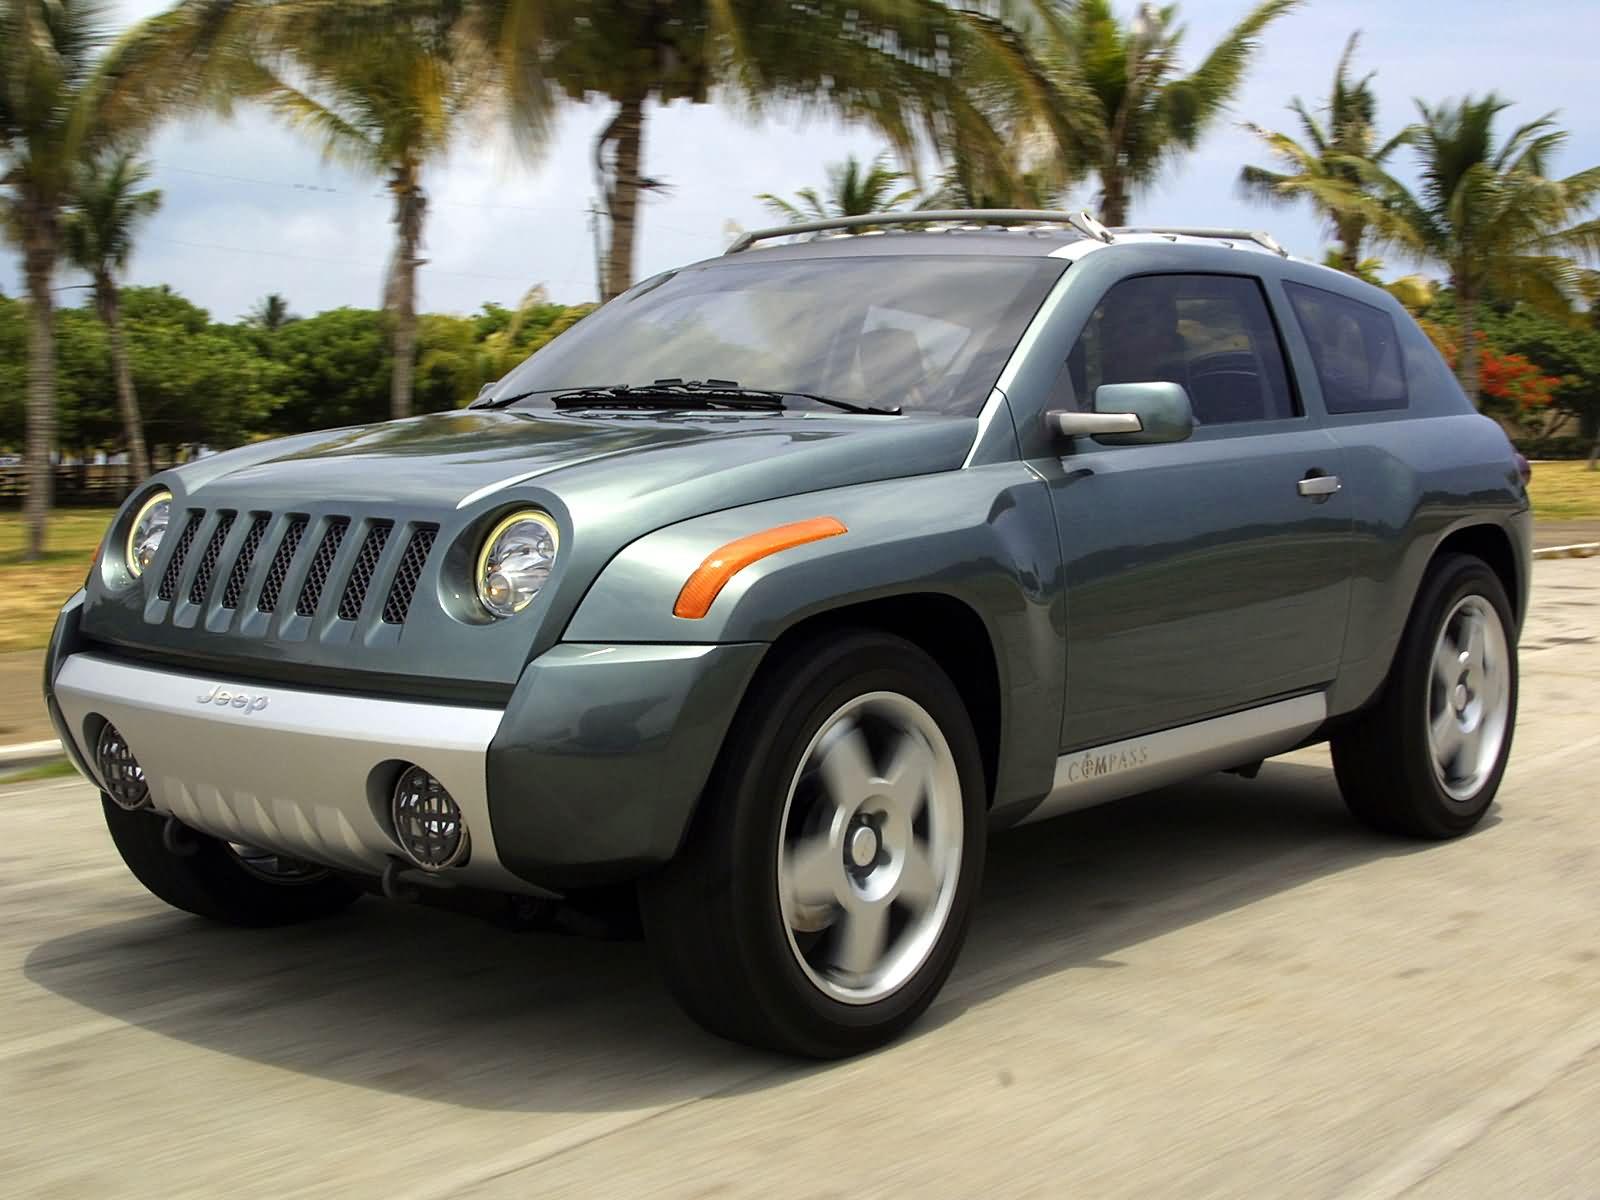 oboi_Jeep_Compass concept 2002_02